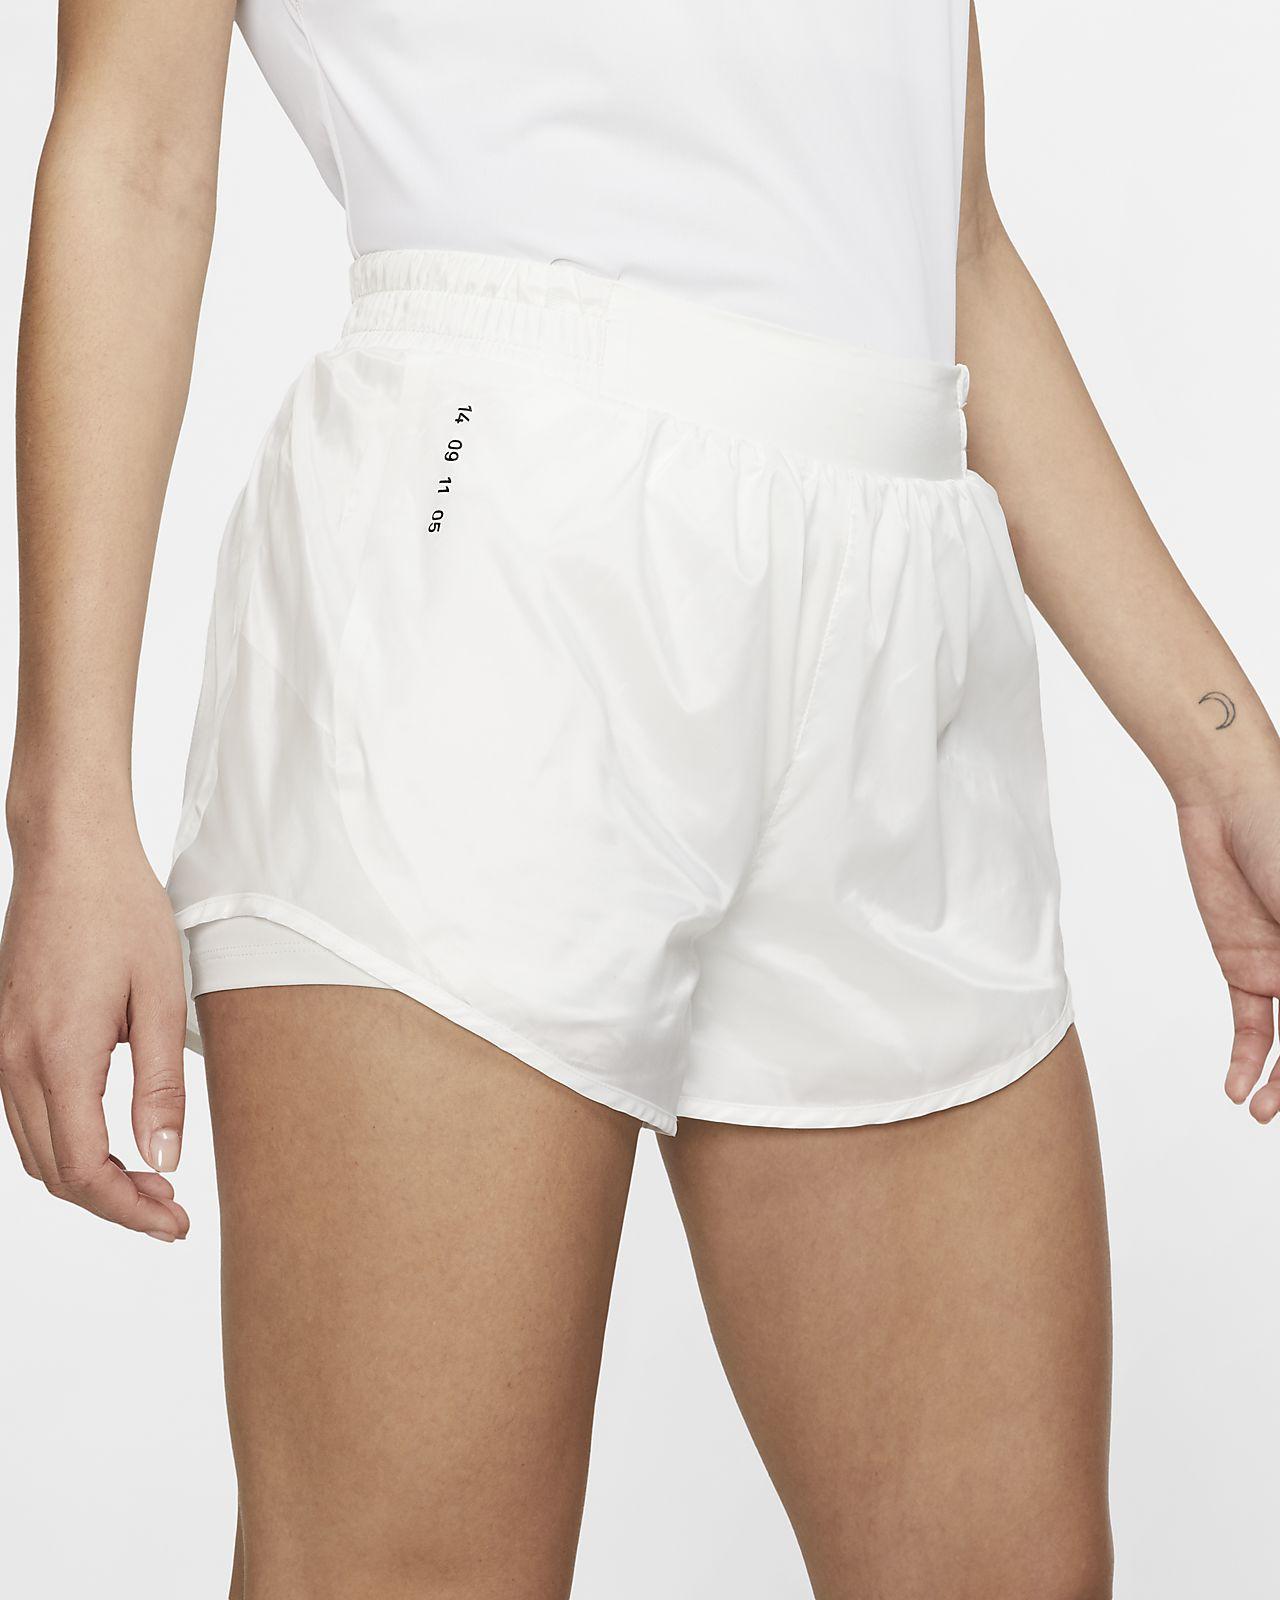 กางเกงวิ่งขาสั้นผู้หญิง Nike Tempo